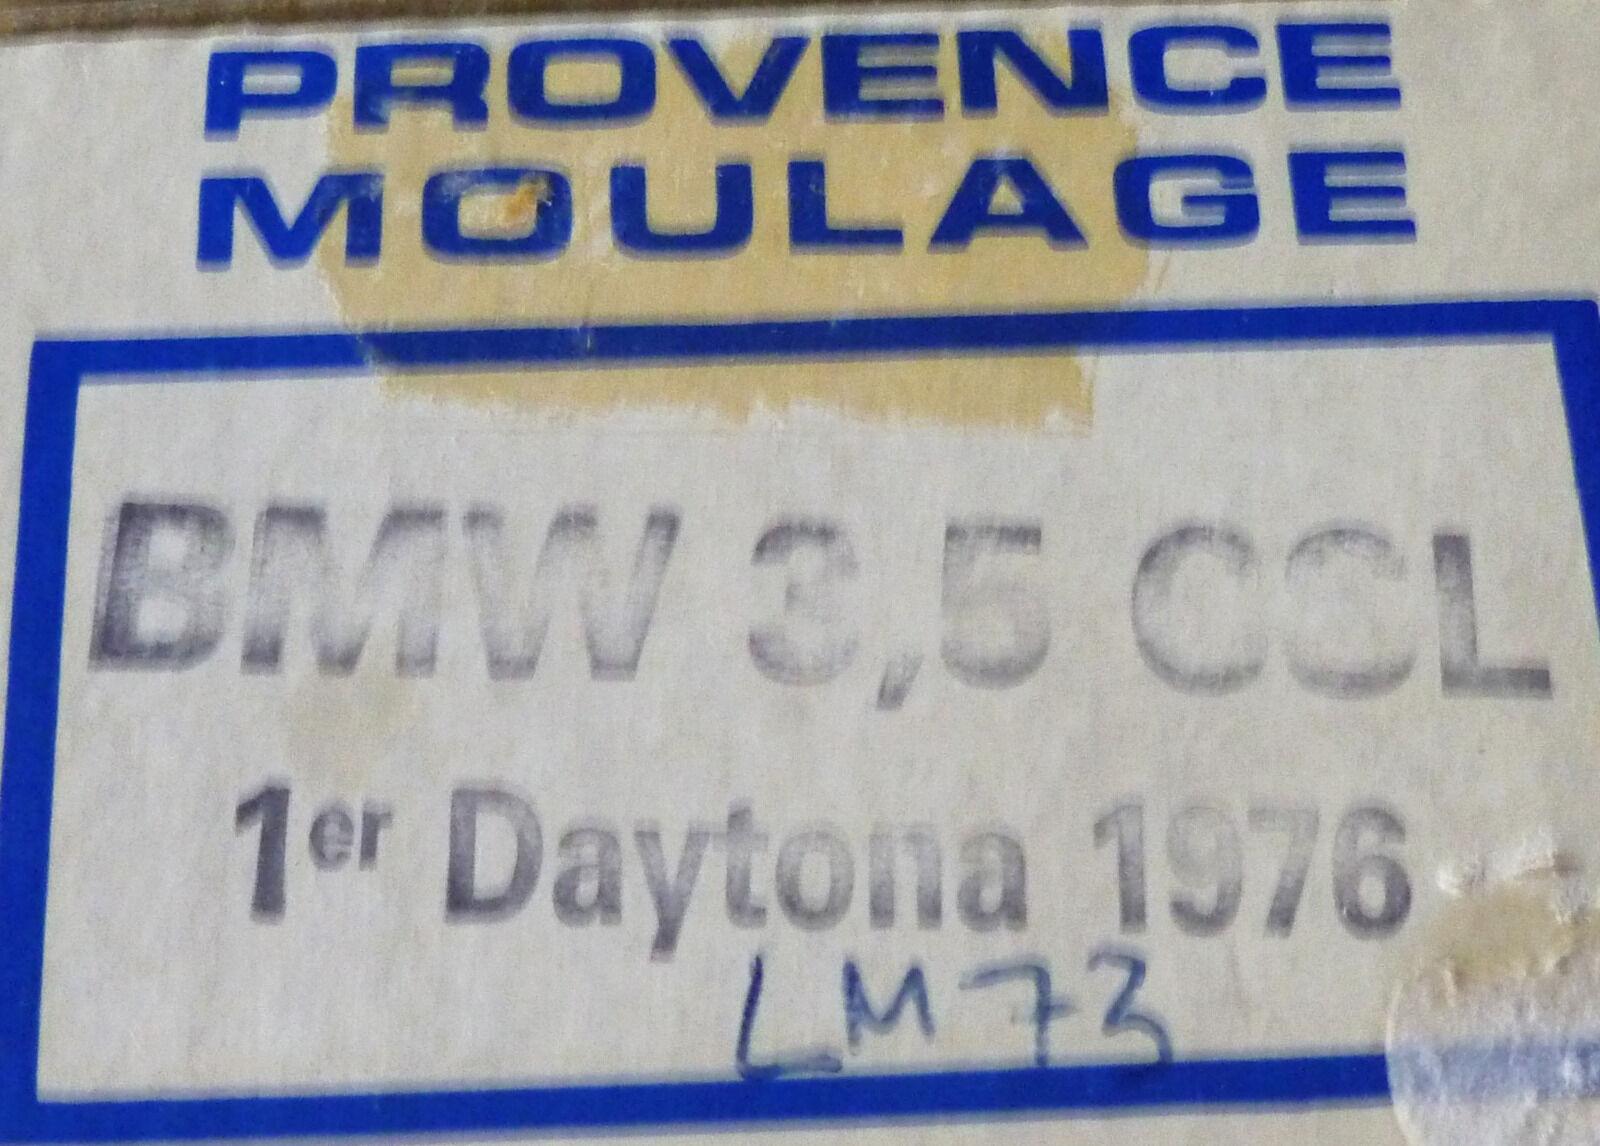 BMW 3,5  CSL - 1 DAYTONA  1976   - PROVENCE MOULAGE   1 43